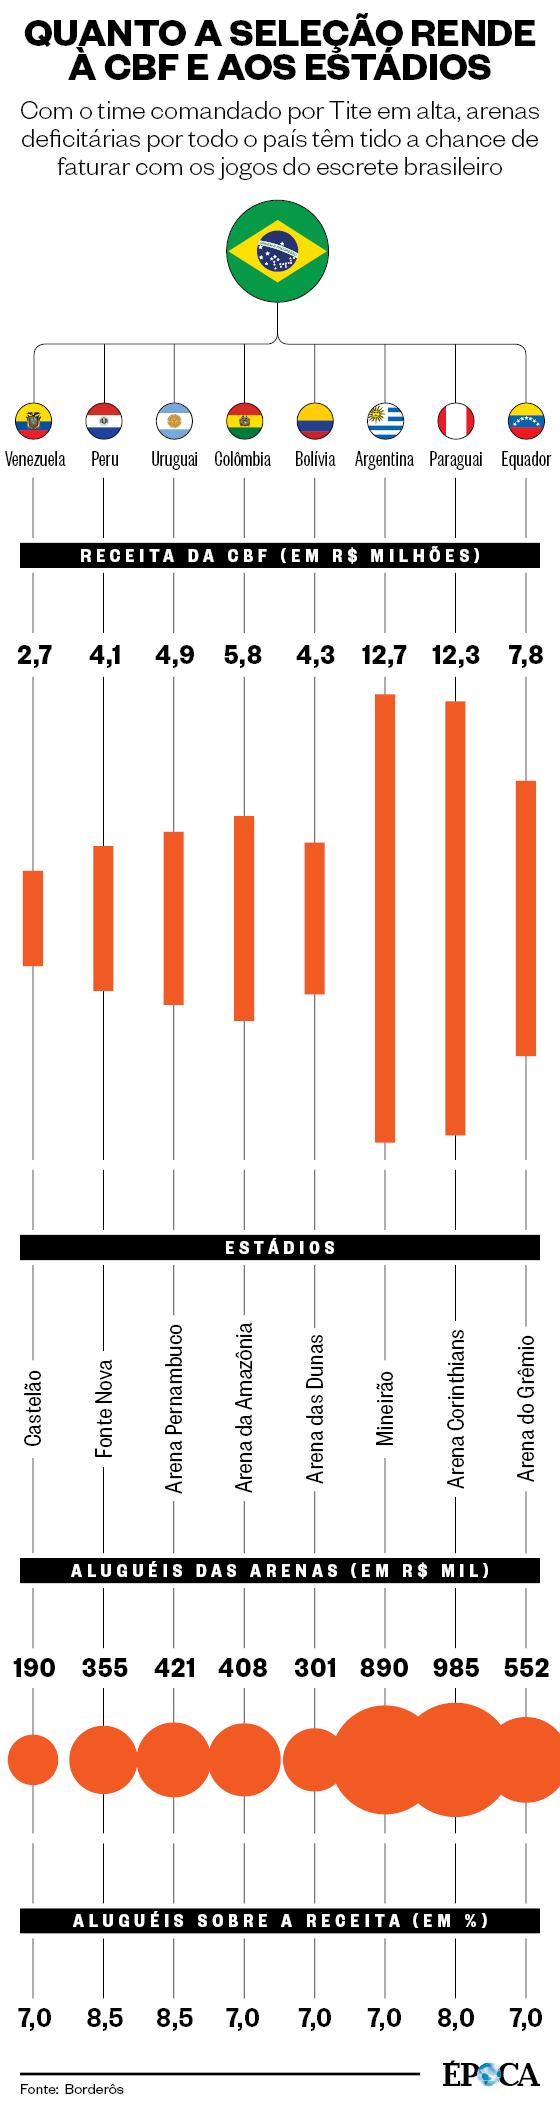 Quanto a seleção rende à CBF e aos estádios (Foto: Época )